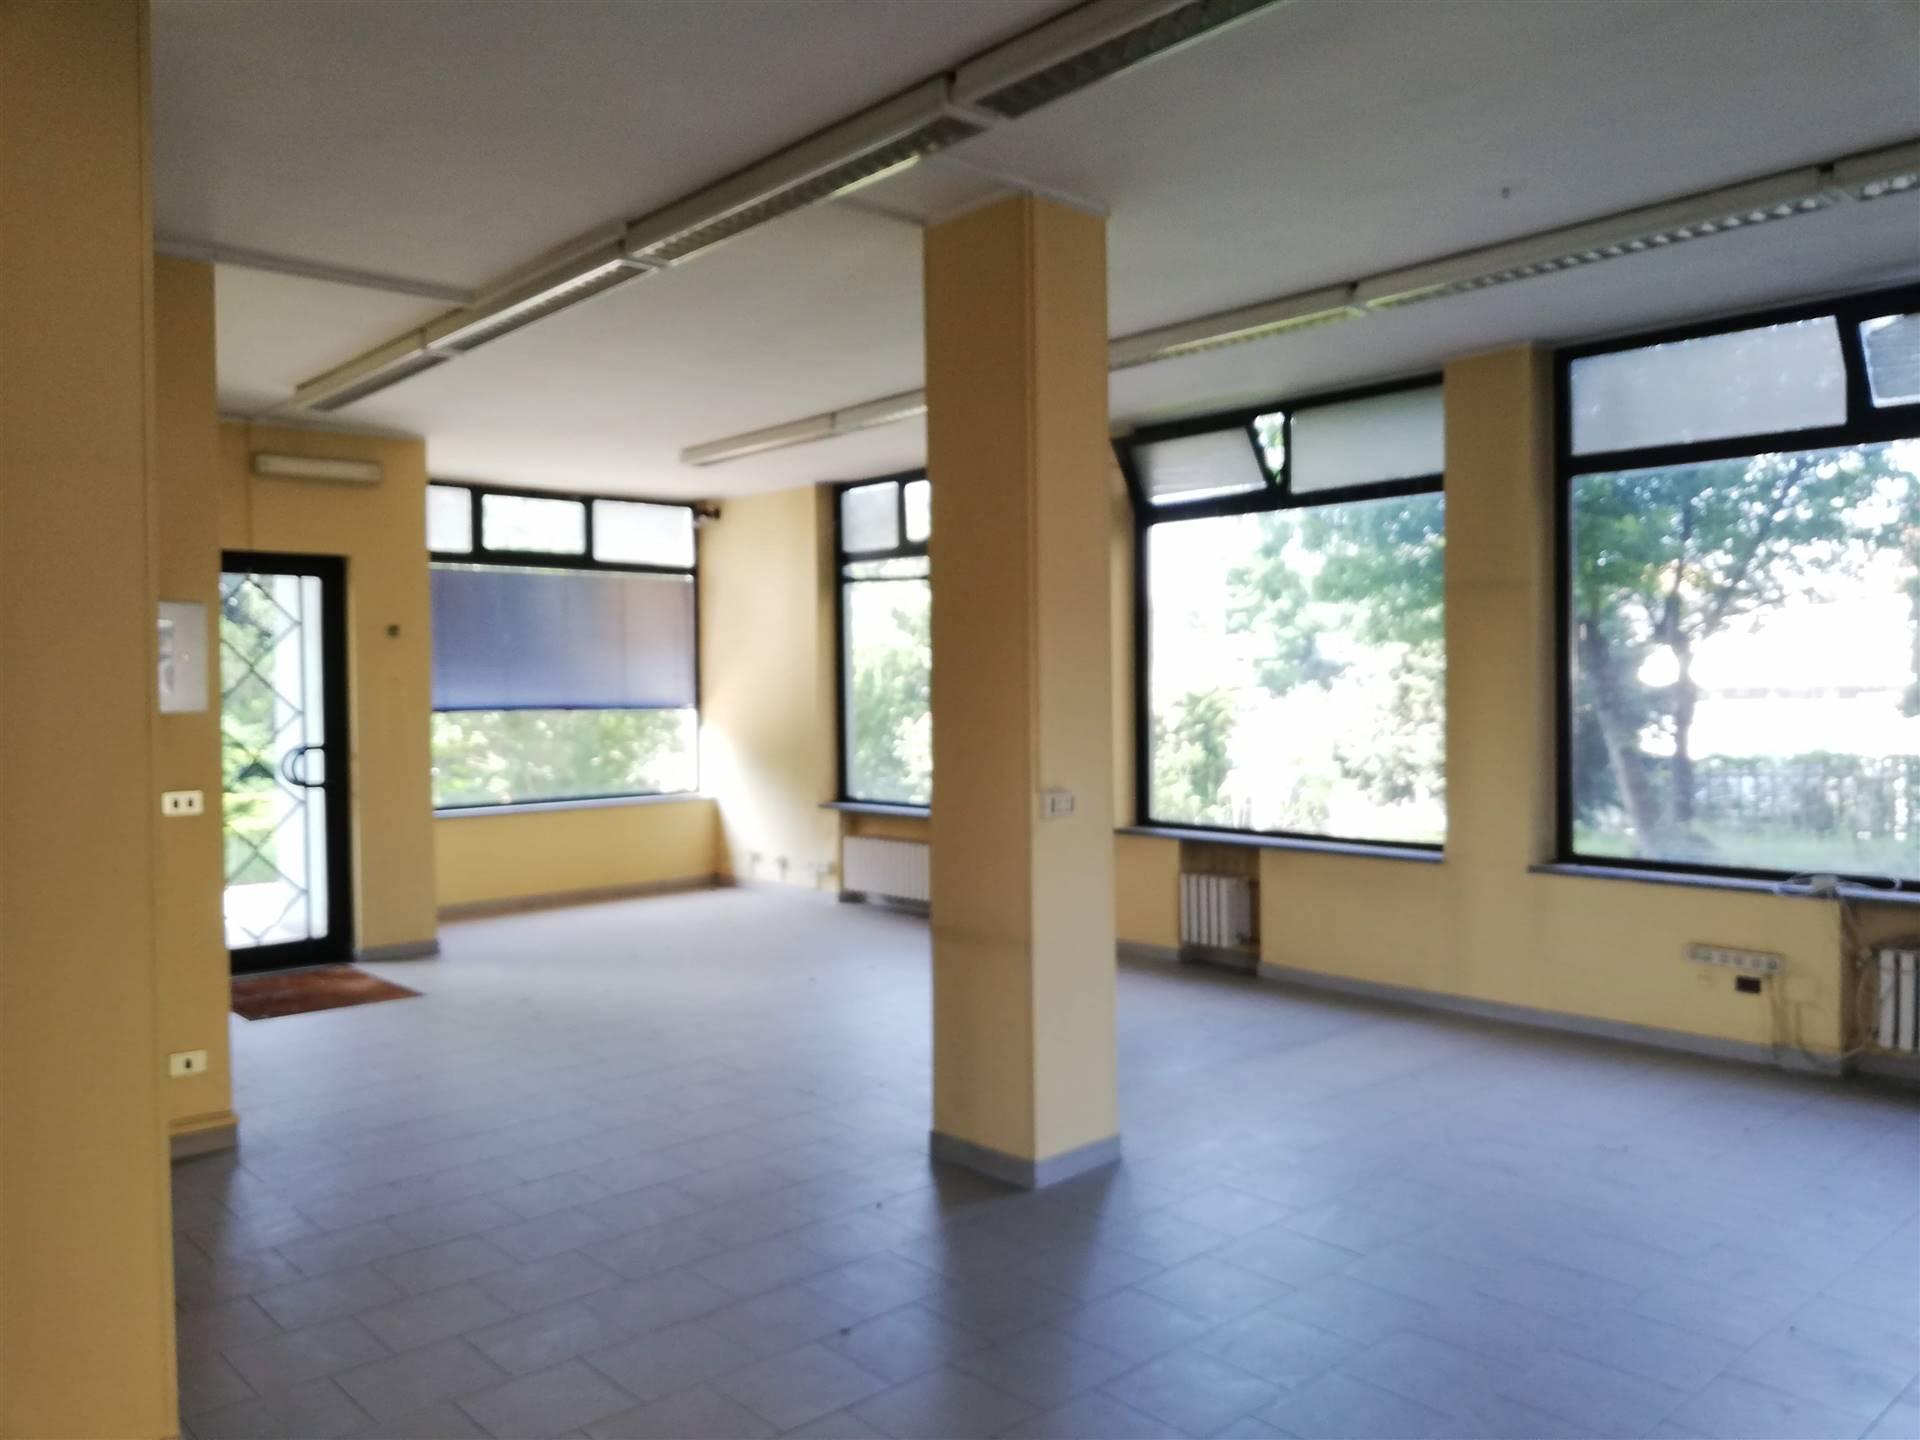 Ufficio / Studio in vendita a Chivasso, 6 locali, prezzo € 350.000   PortaleAgenzieImmobiliari.it